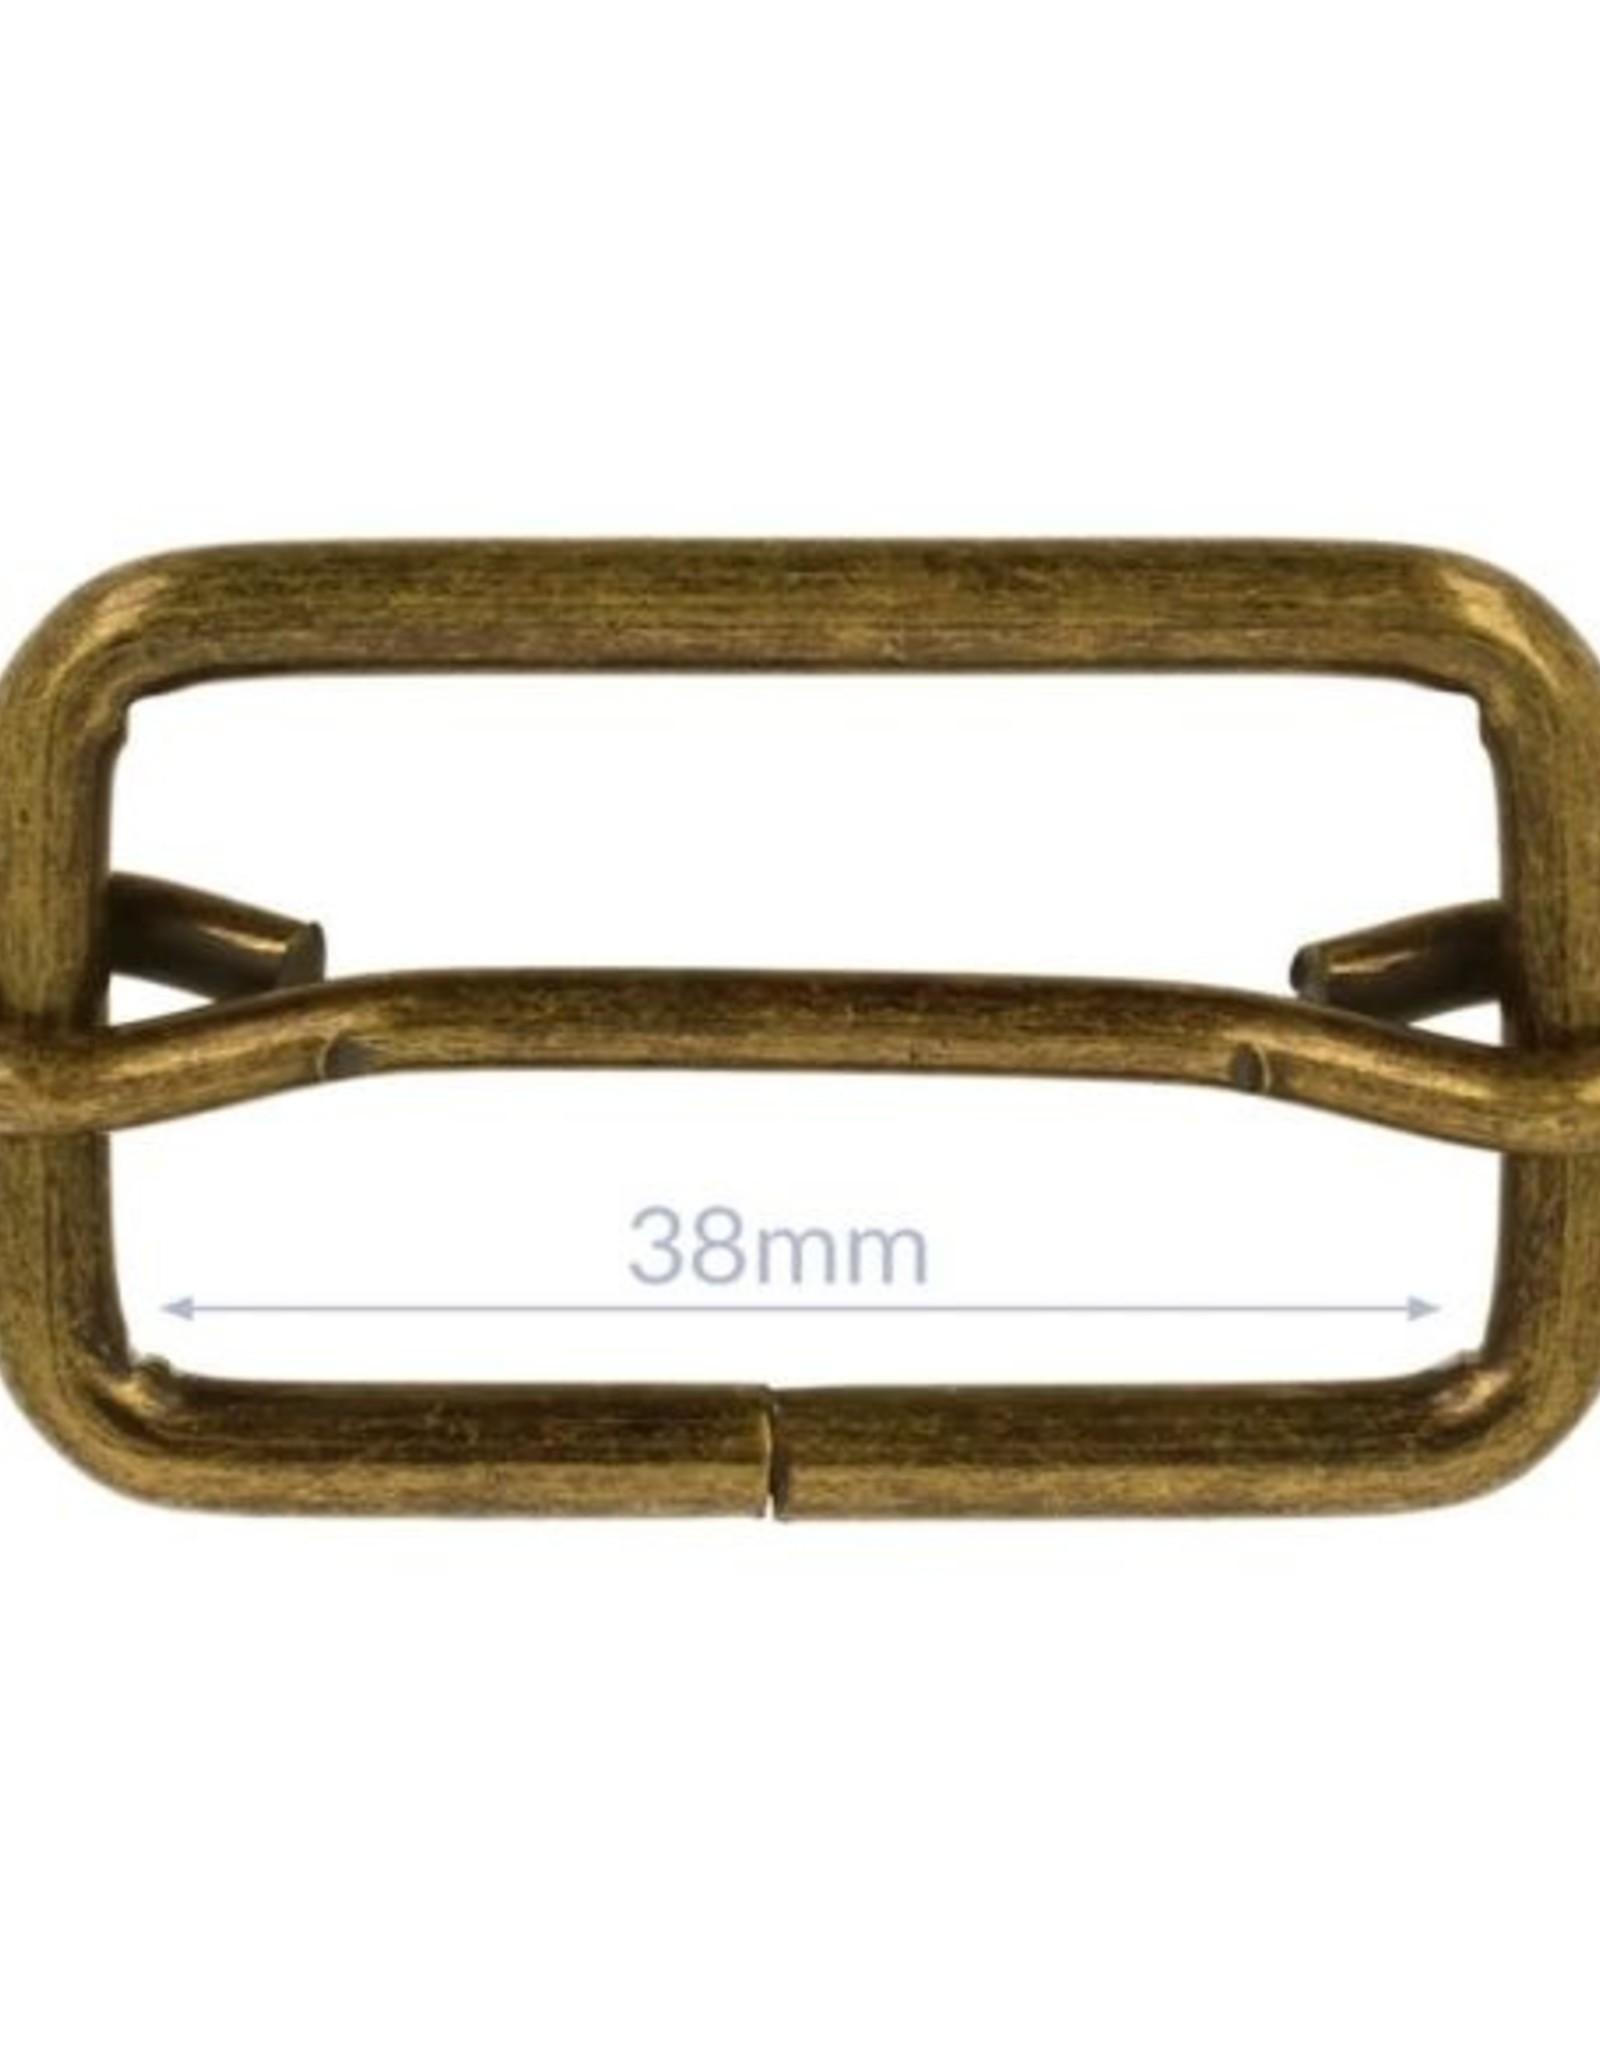 Schuifgesp 38mm